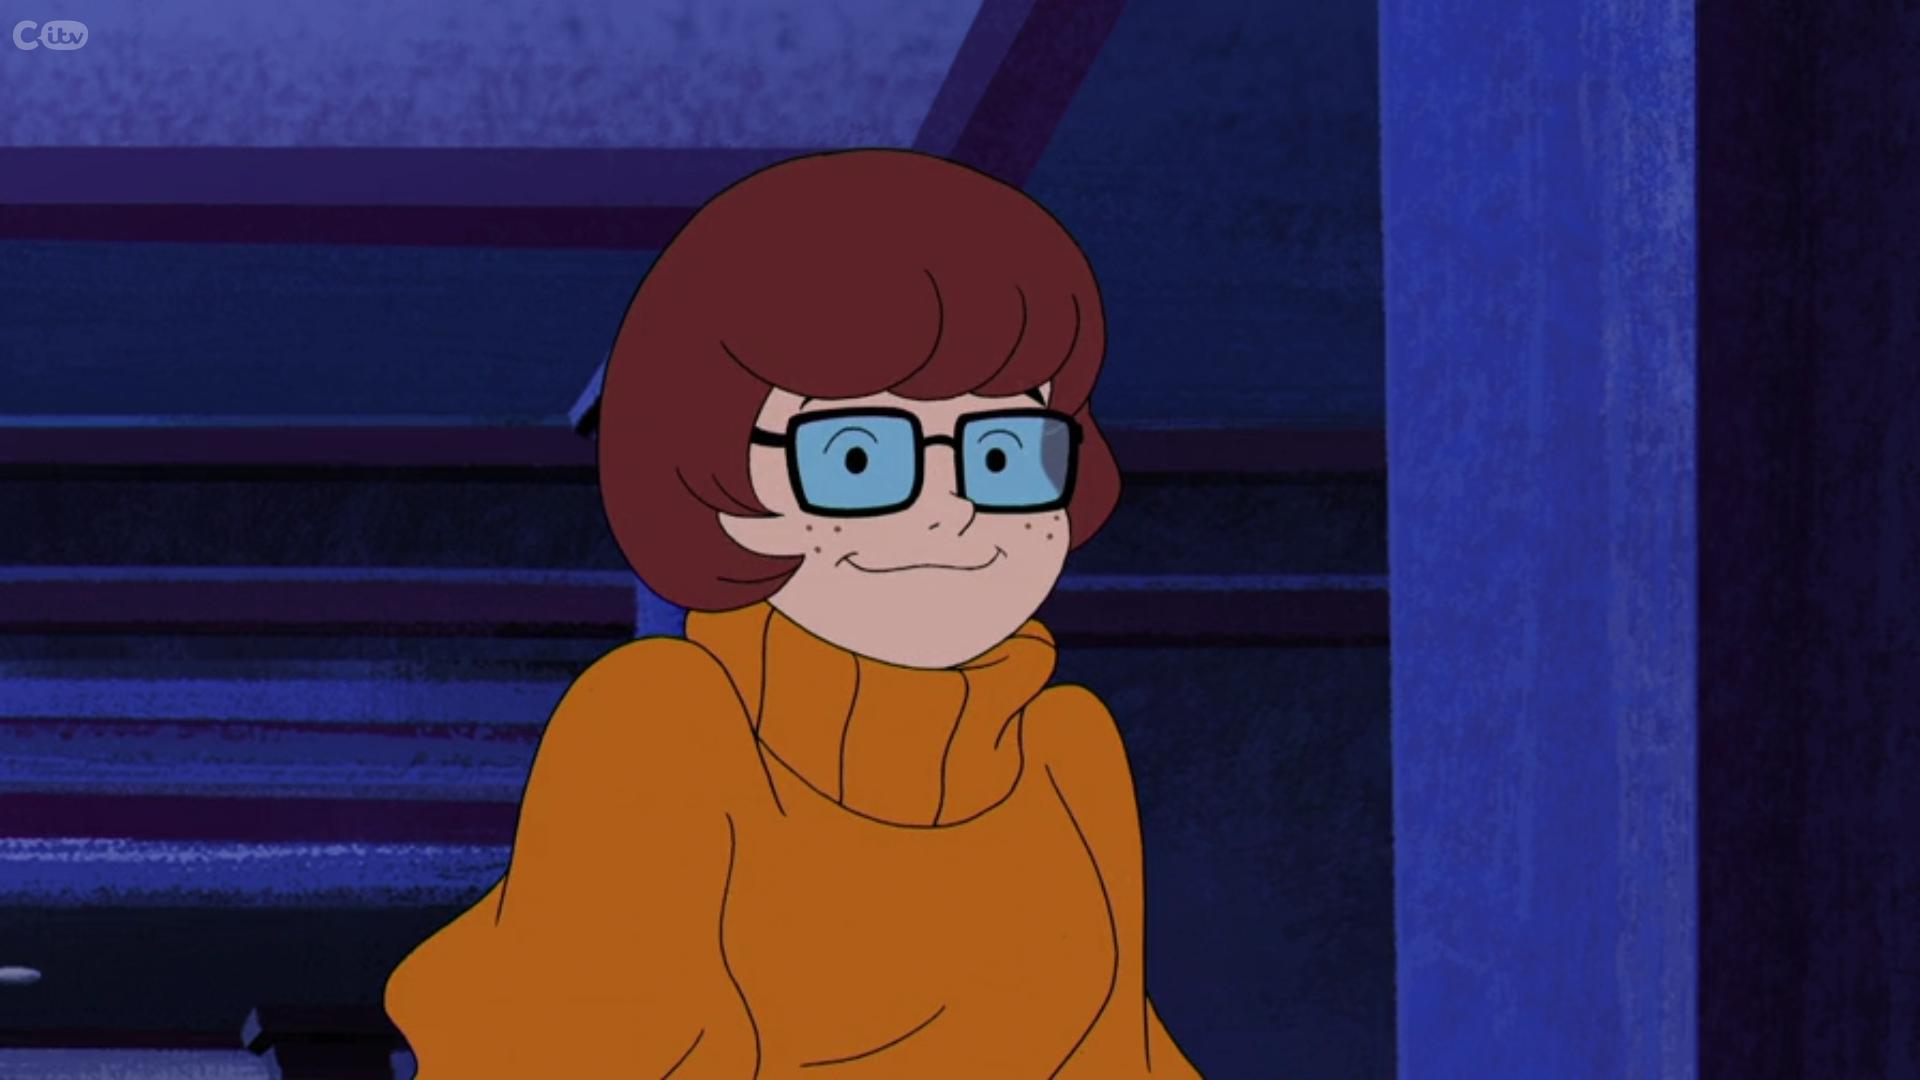 Velma Dinkley | Scoobypedia | FANDOM powered by Wikia | 1920 x 1080 png 1686kB